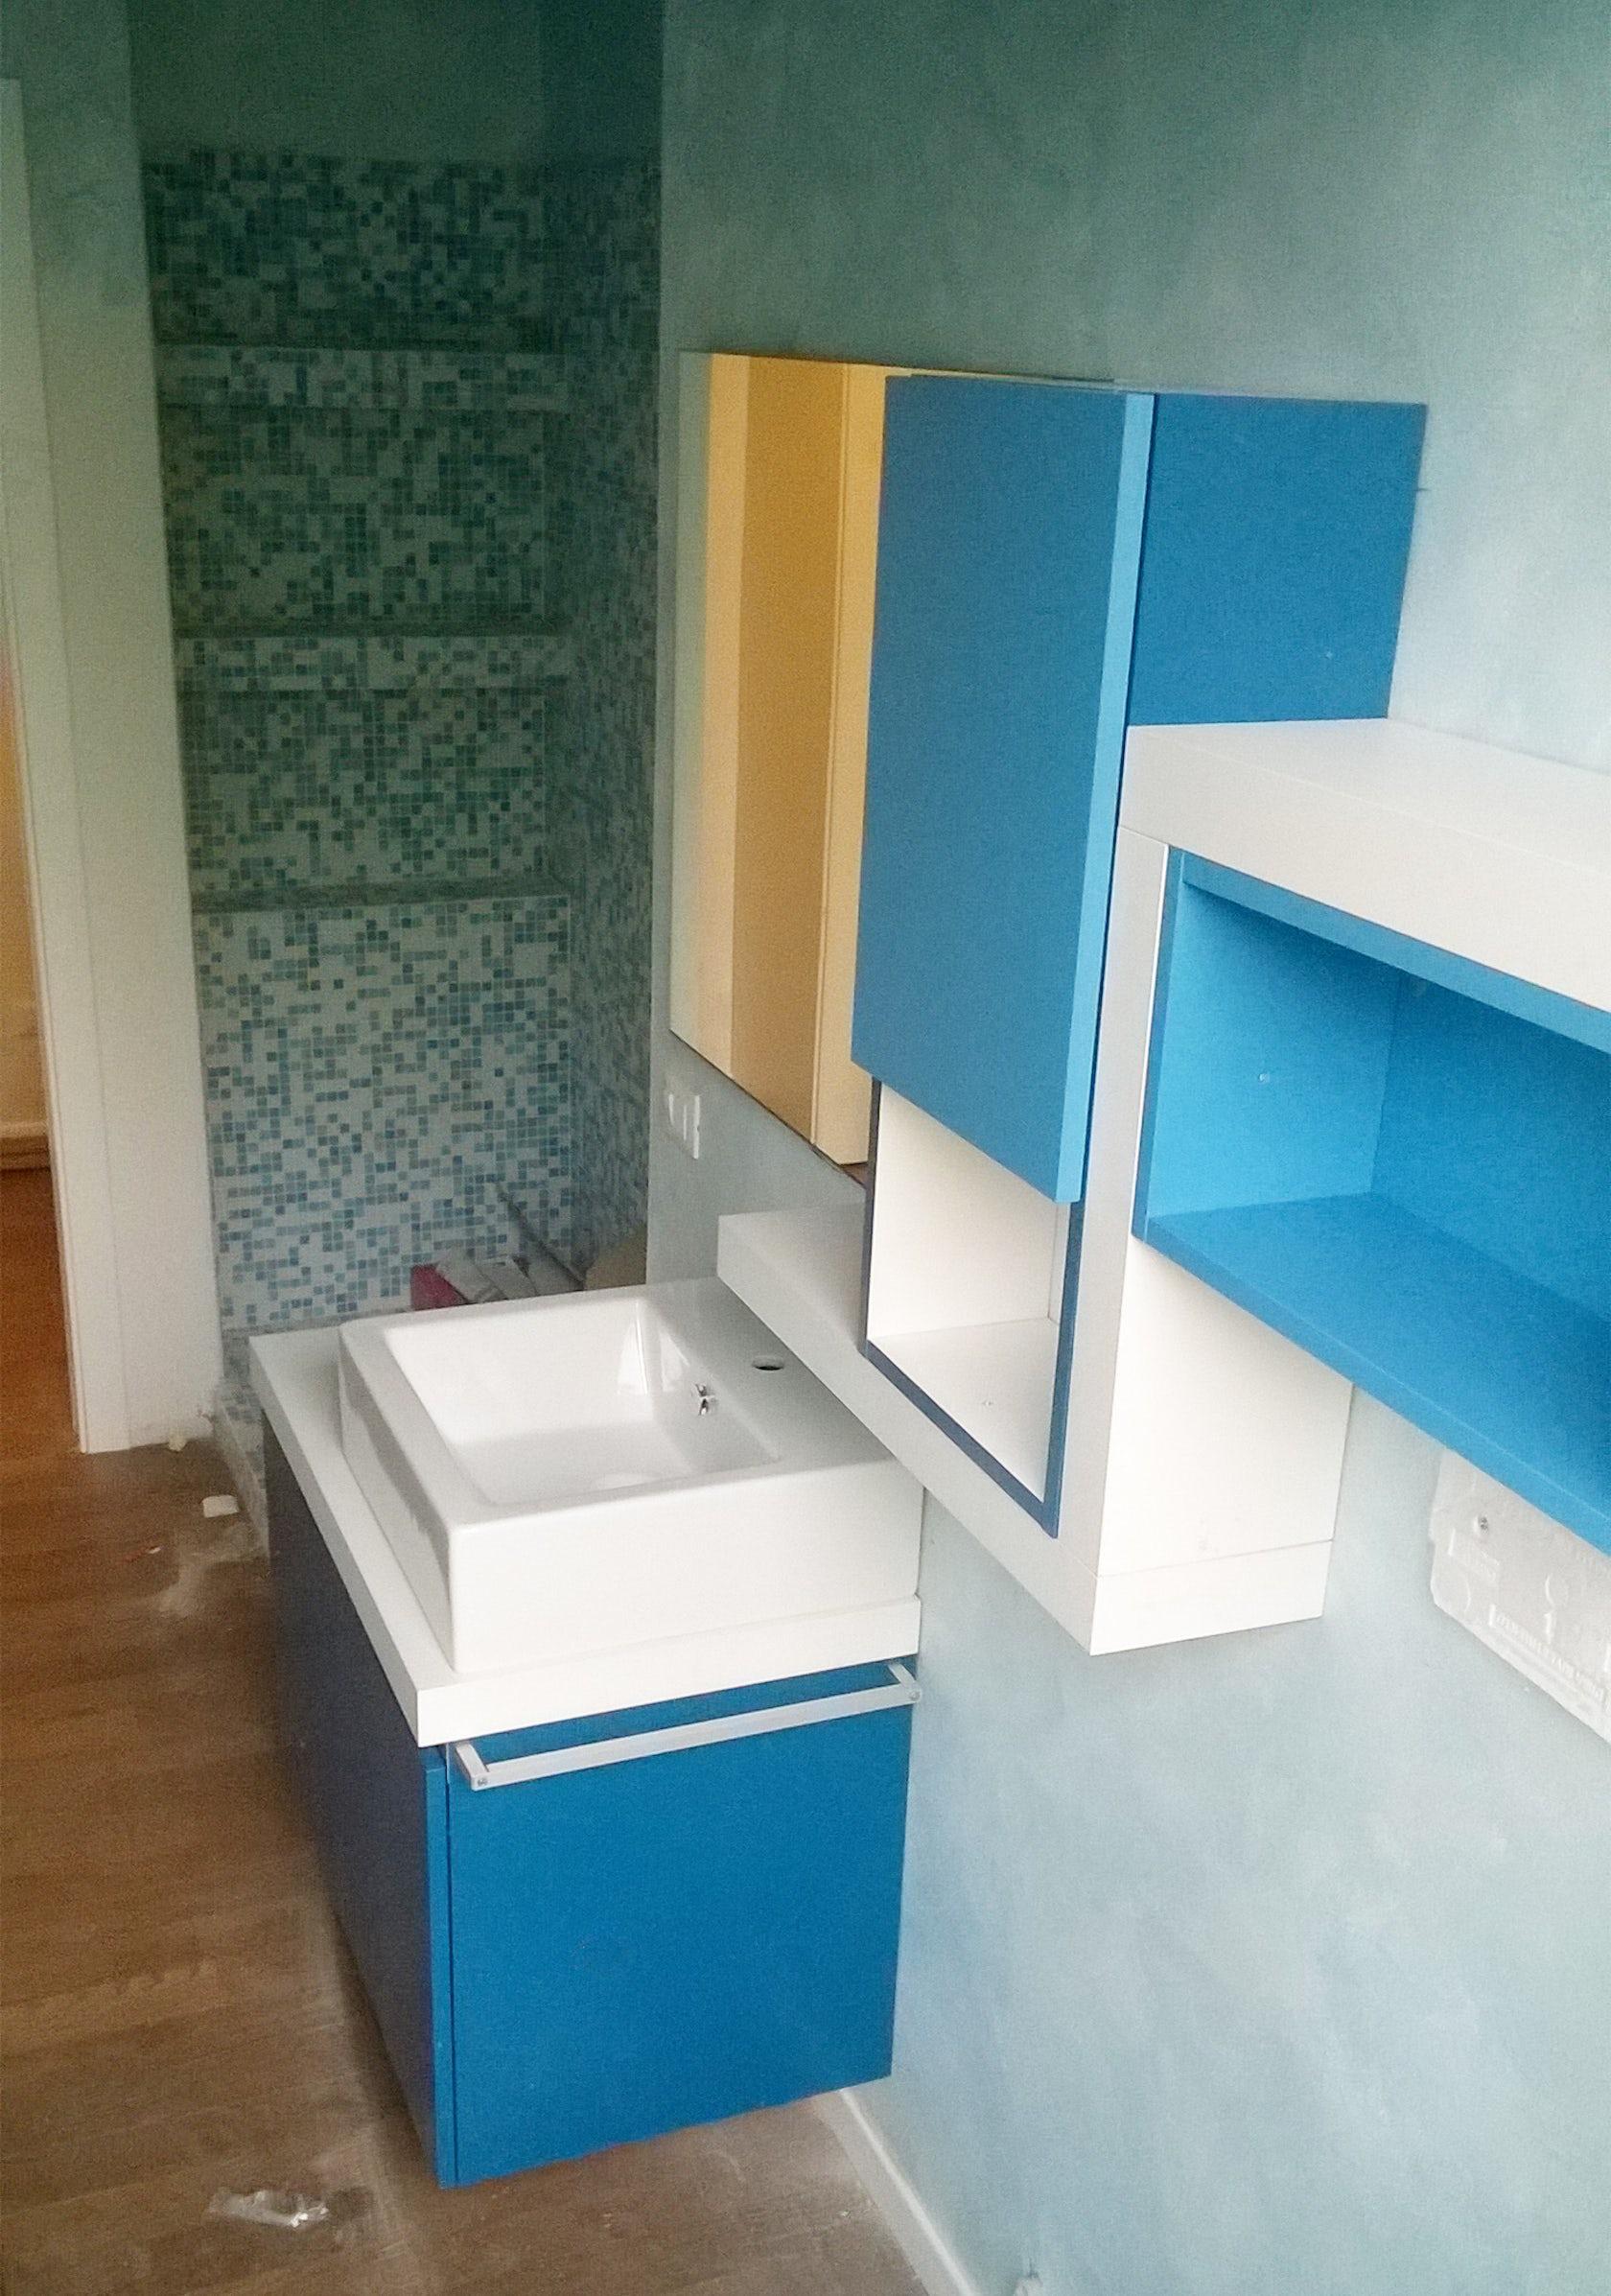 Bagno blu e azzurro architizer - Bagno blu e bianco ...